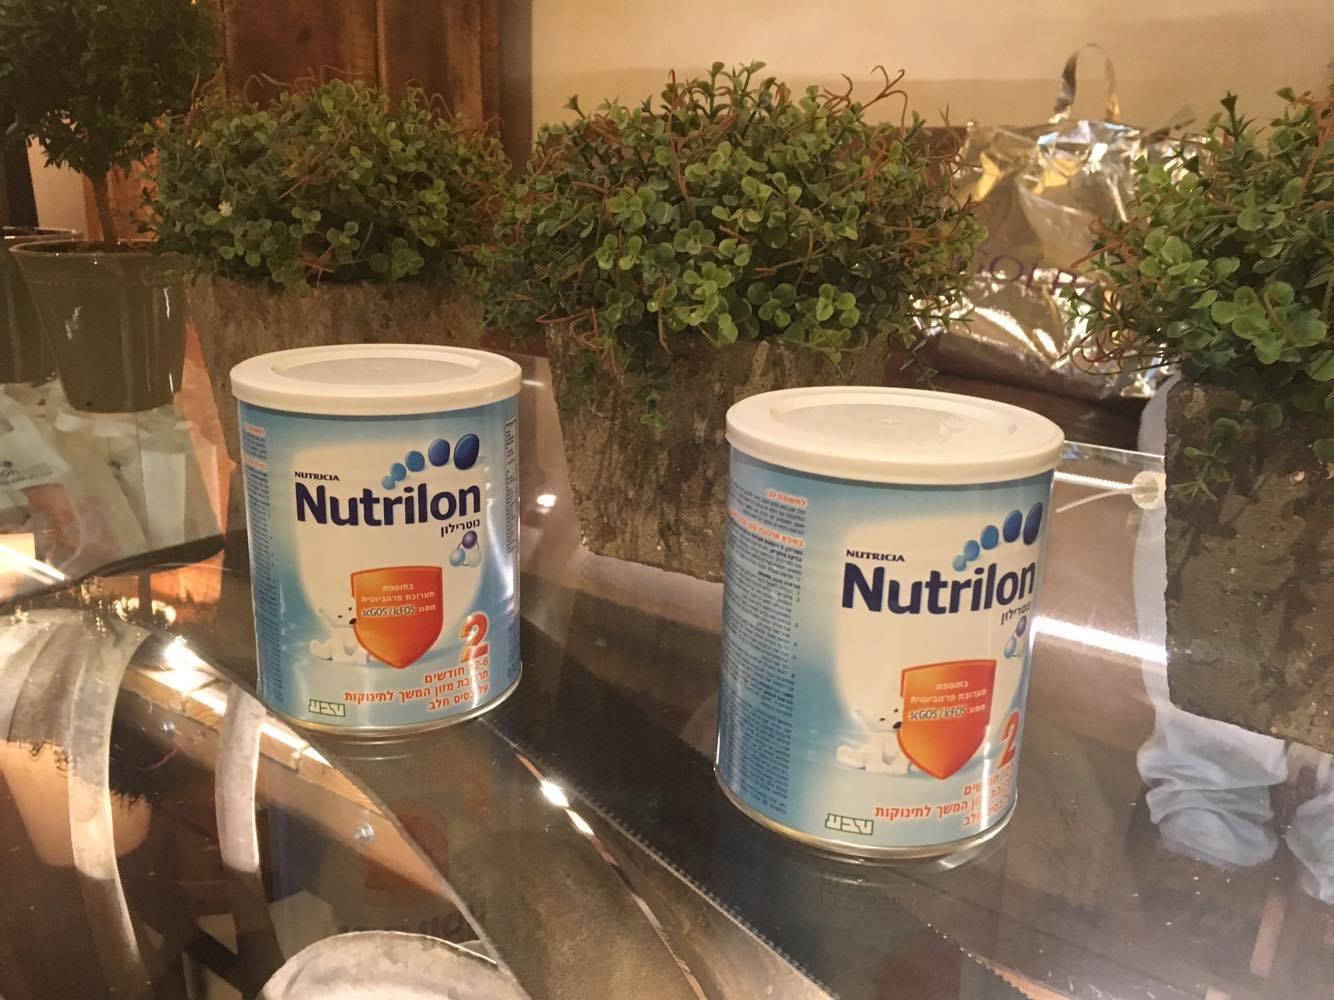 נוטרילון- תחליף מזון לתינוק נוטרילון של חברת טבע הכי קרוב לחלב אם